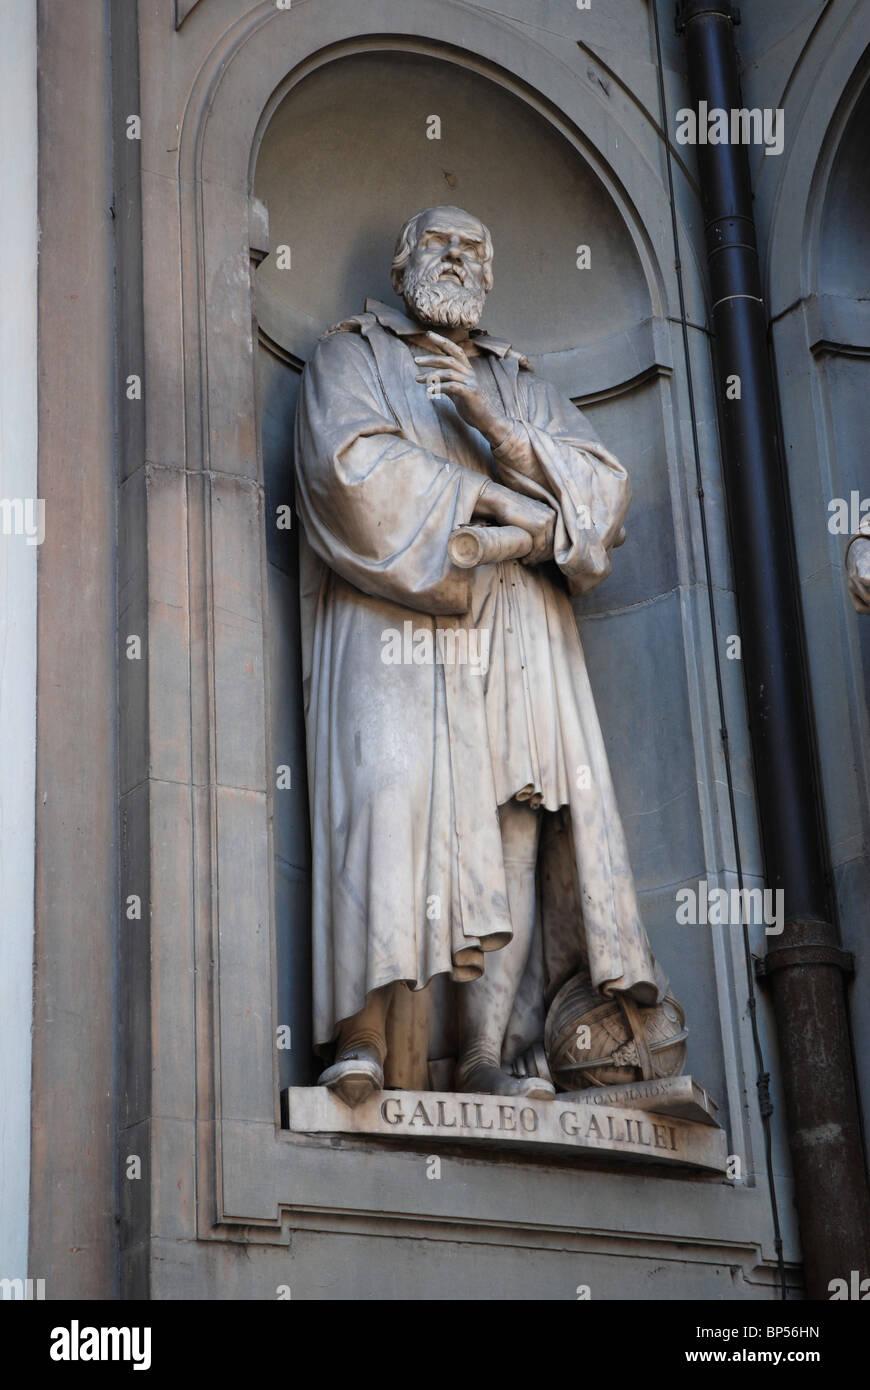 Statue of Galileo Galilei near Uffizi Museum, Florence, Italy - Stock Image